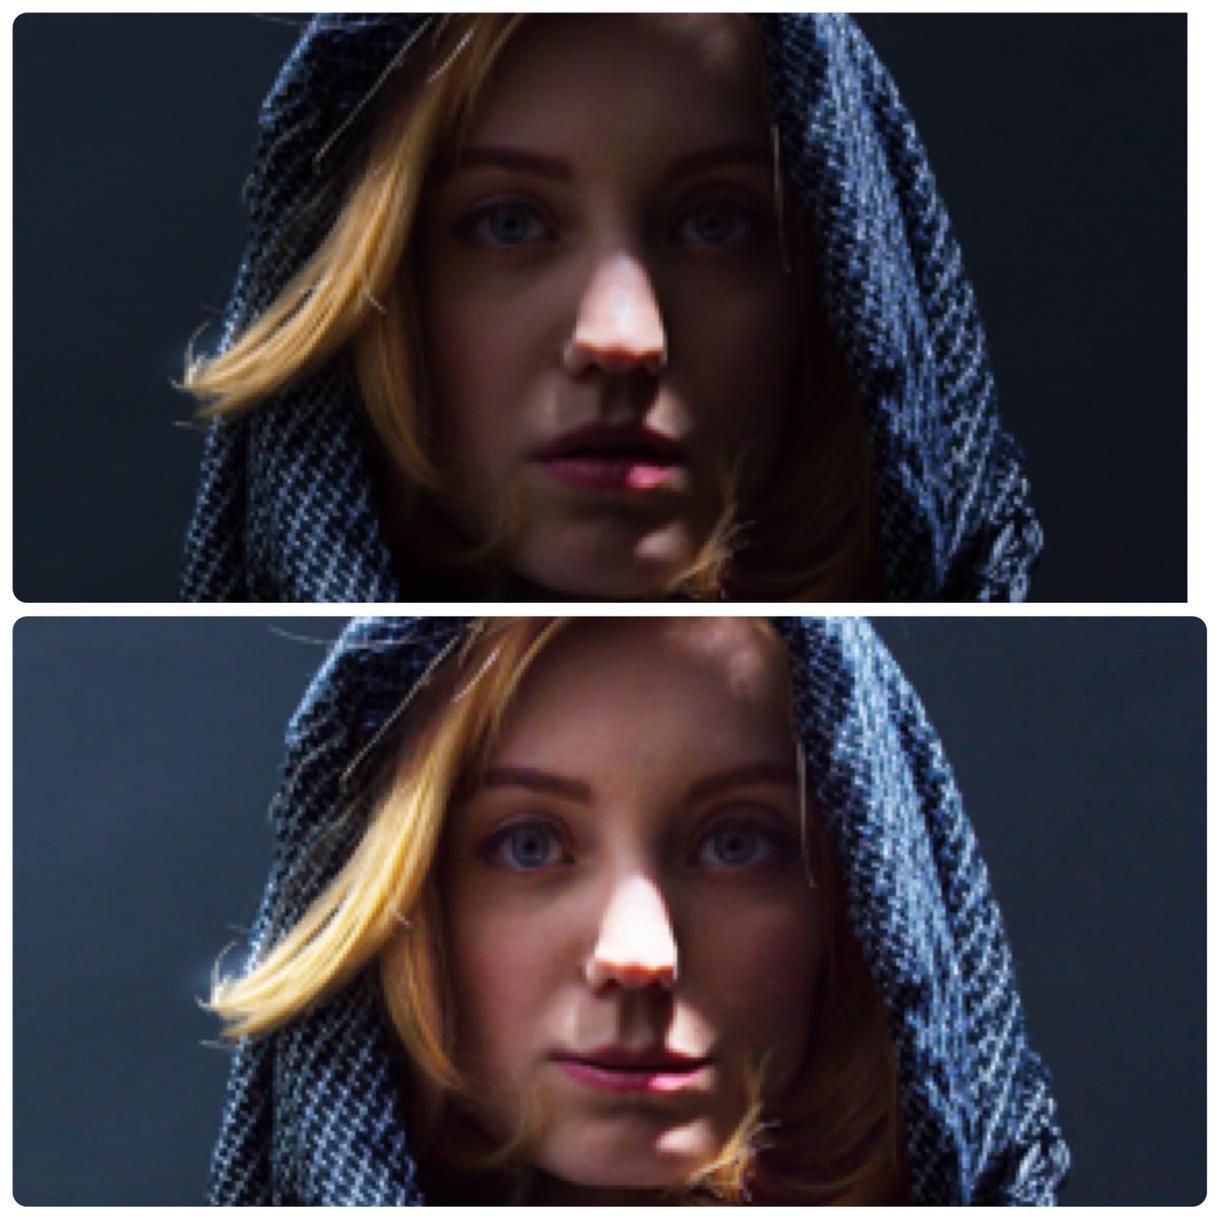 人物の顔写真加工します photoshopを使用し加工します